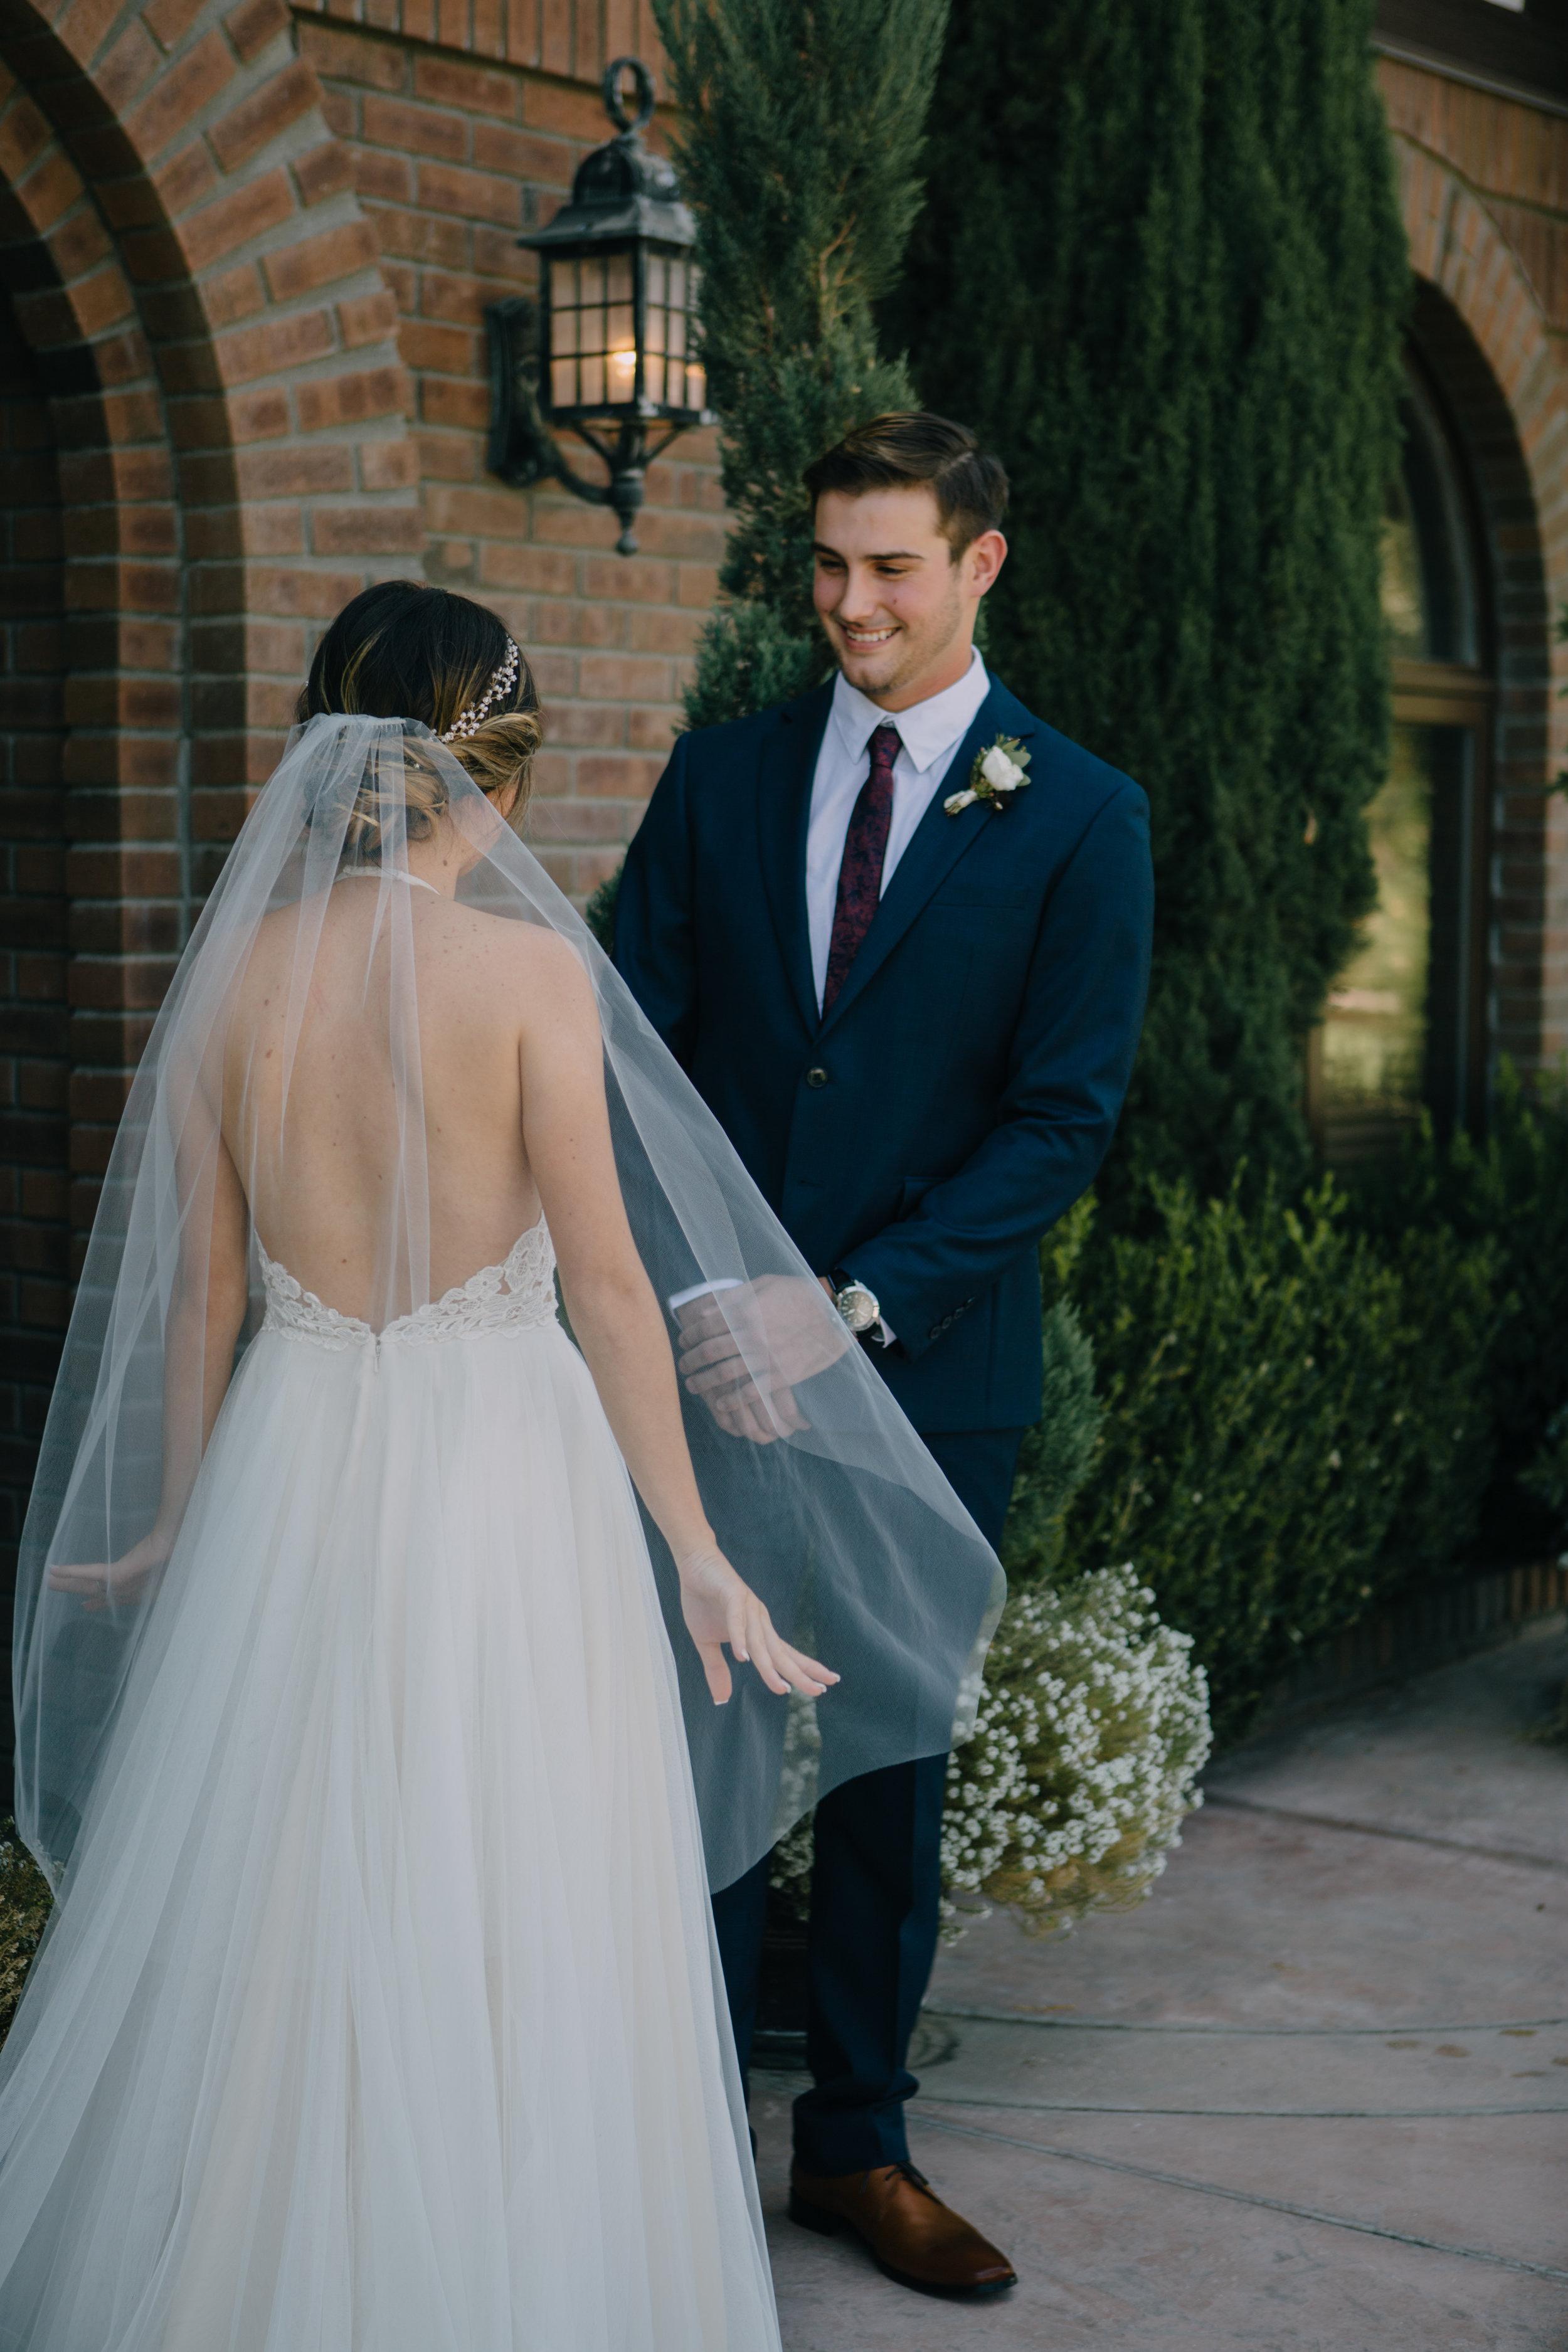 bride and groom-4555.jpg